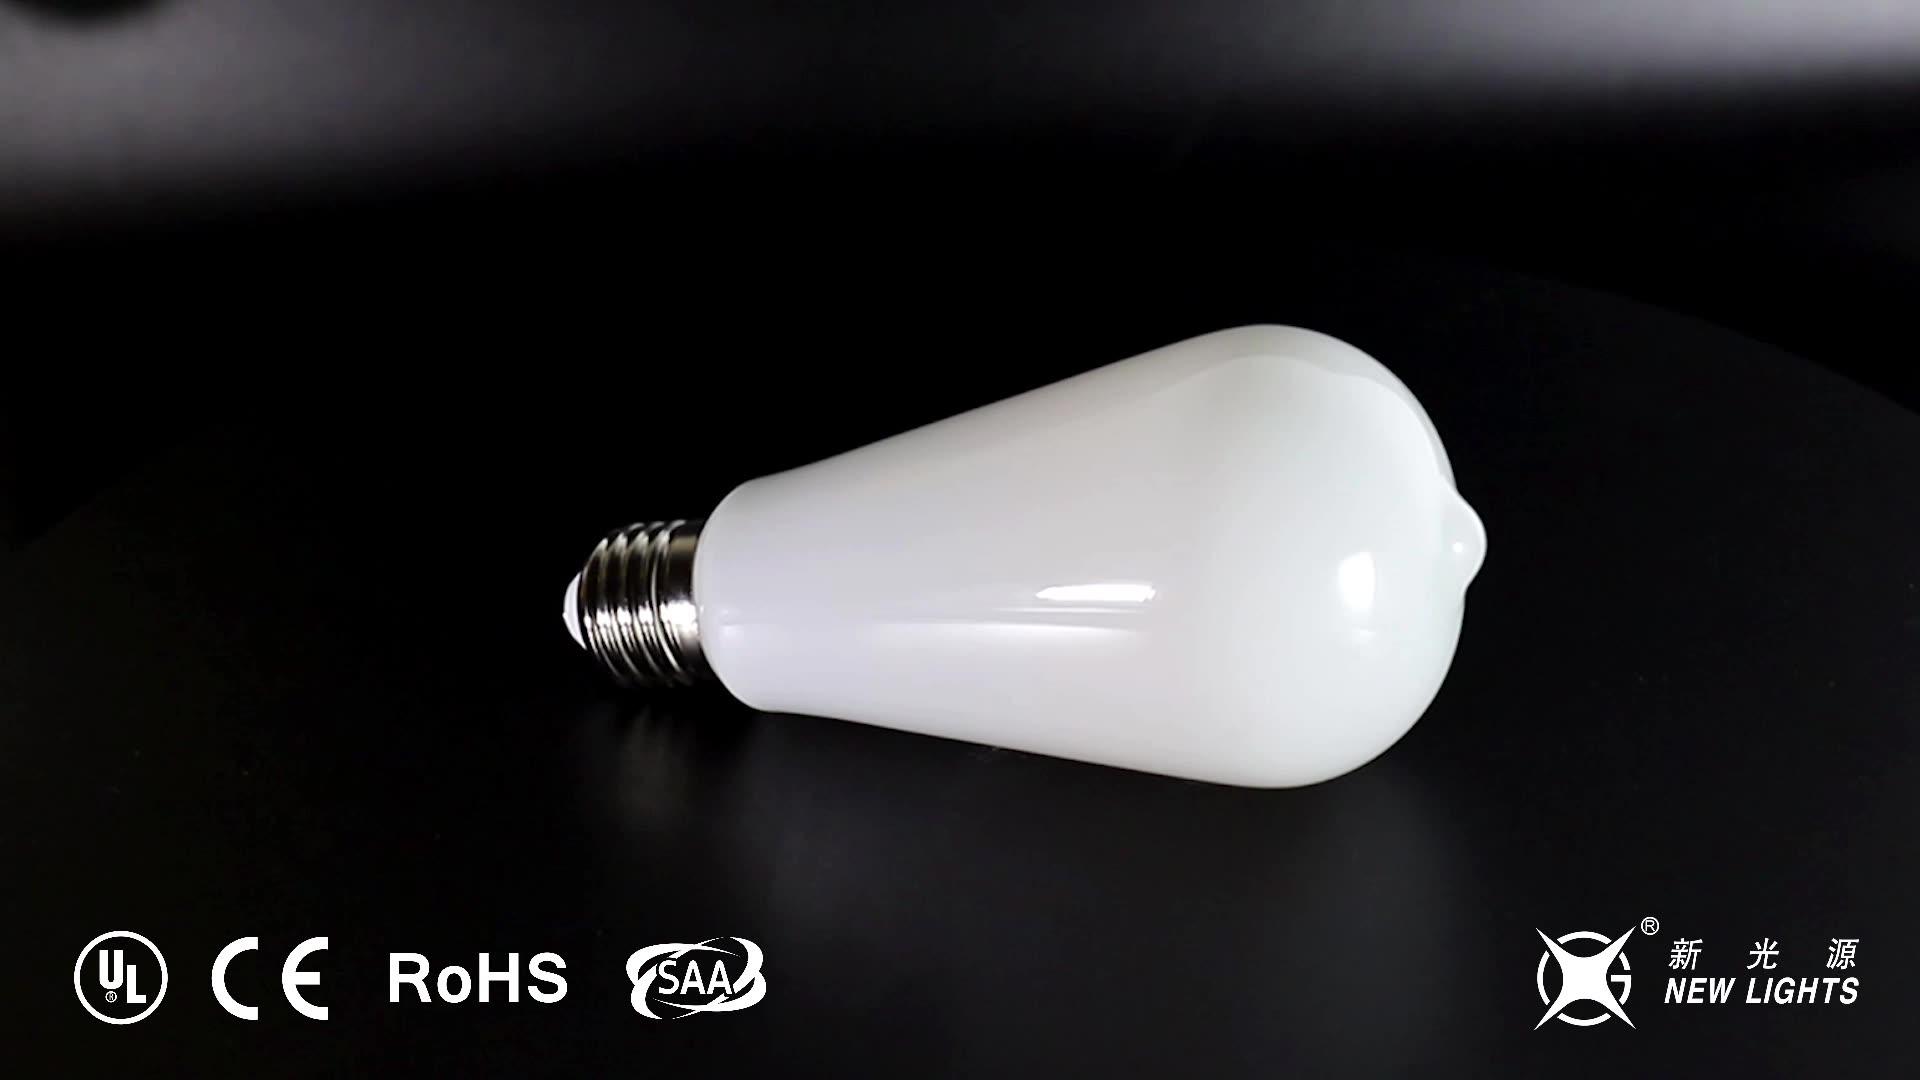 Fábrica de China blanco lechoso G125 G95 G80 globo forma de bulbo del led E27 4w 6w 8w luces de bulbo led filamento de la bombilla